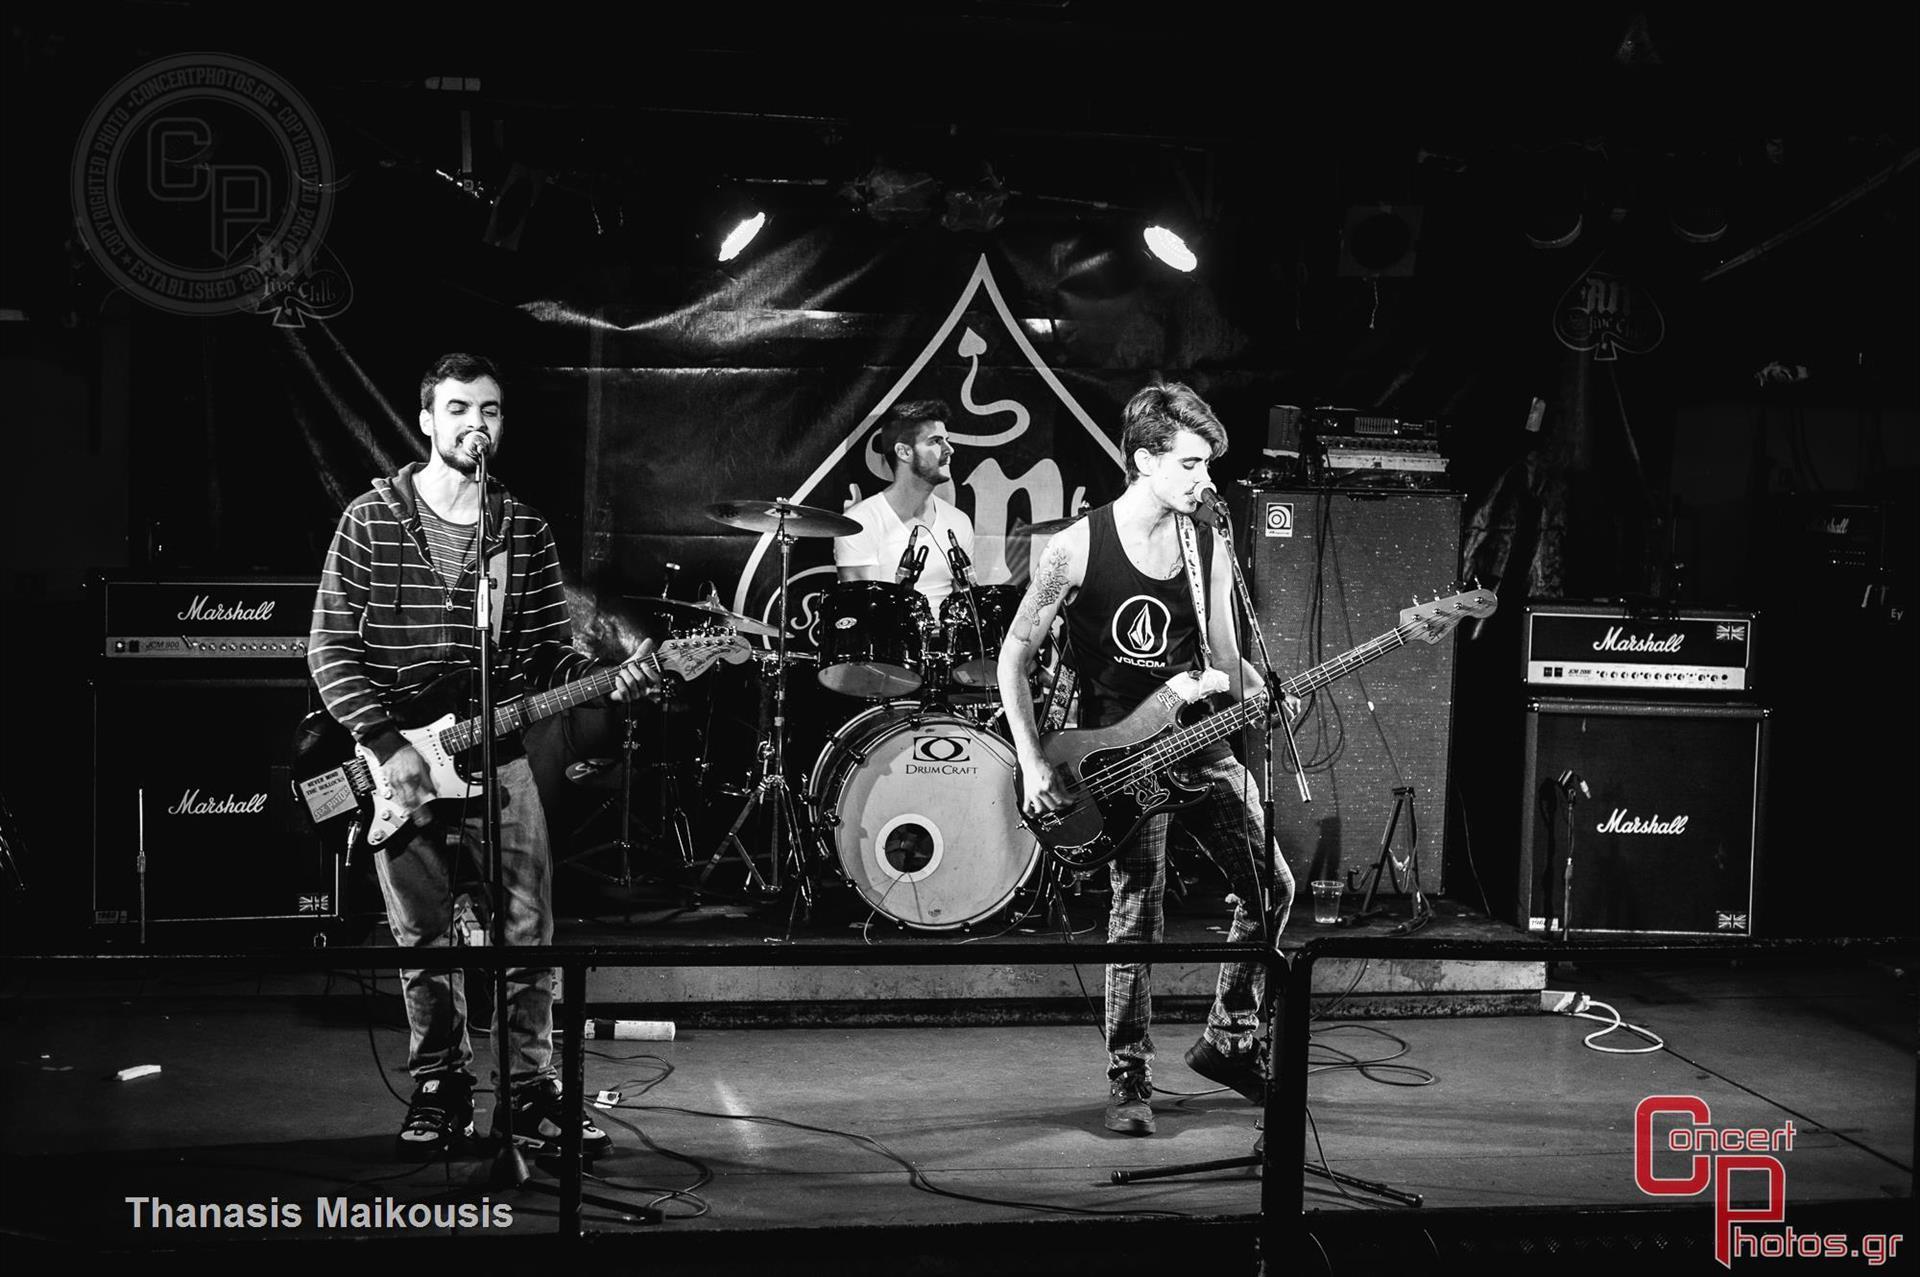 Battle Of The Bands Leg 5-Battle Of The Bands Leg 4 photographer: Thanasis Maikousis - ConcertPhotos - 20150315_2320_04